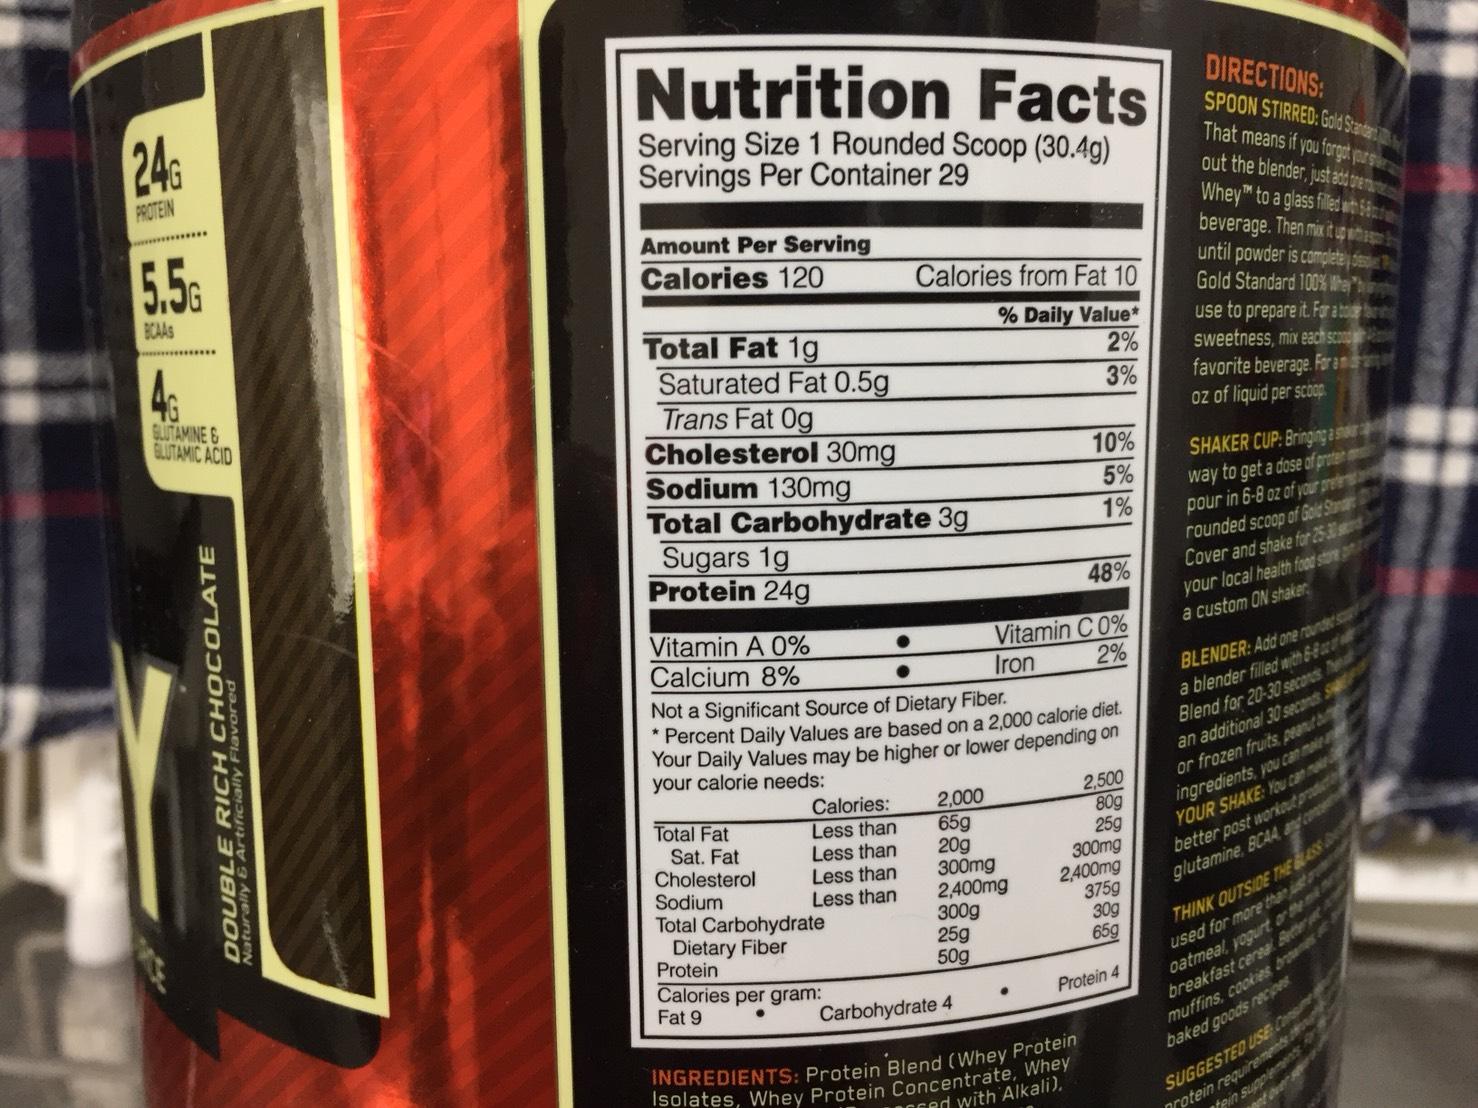 ゴールドスタンダード「ダブルリッチチョコレート味」の成分表